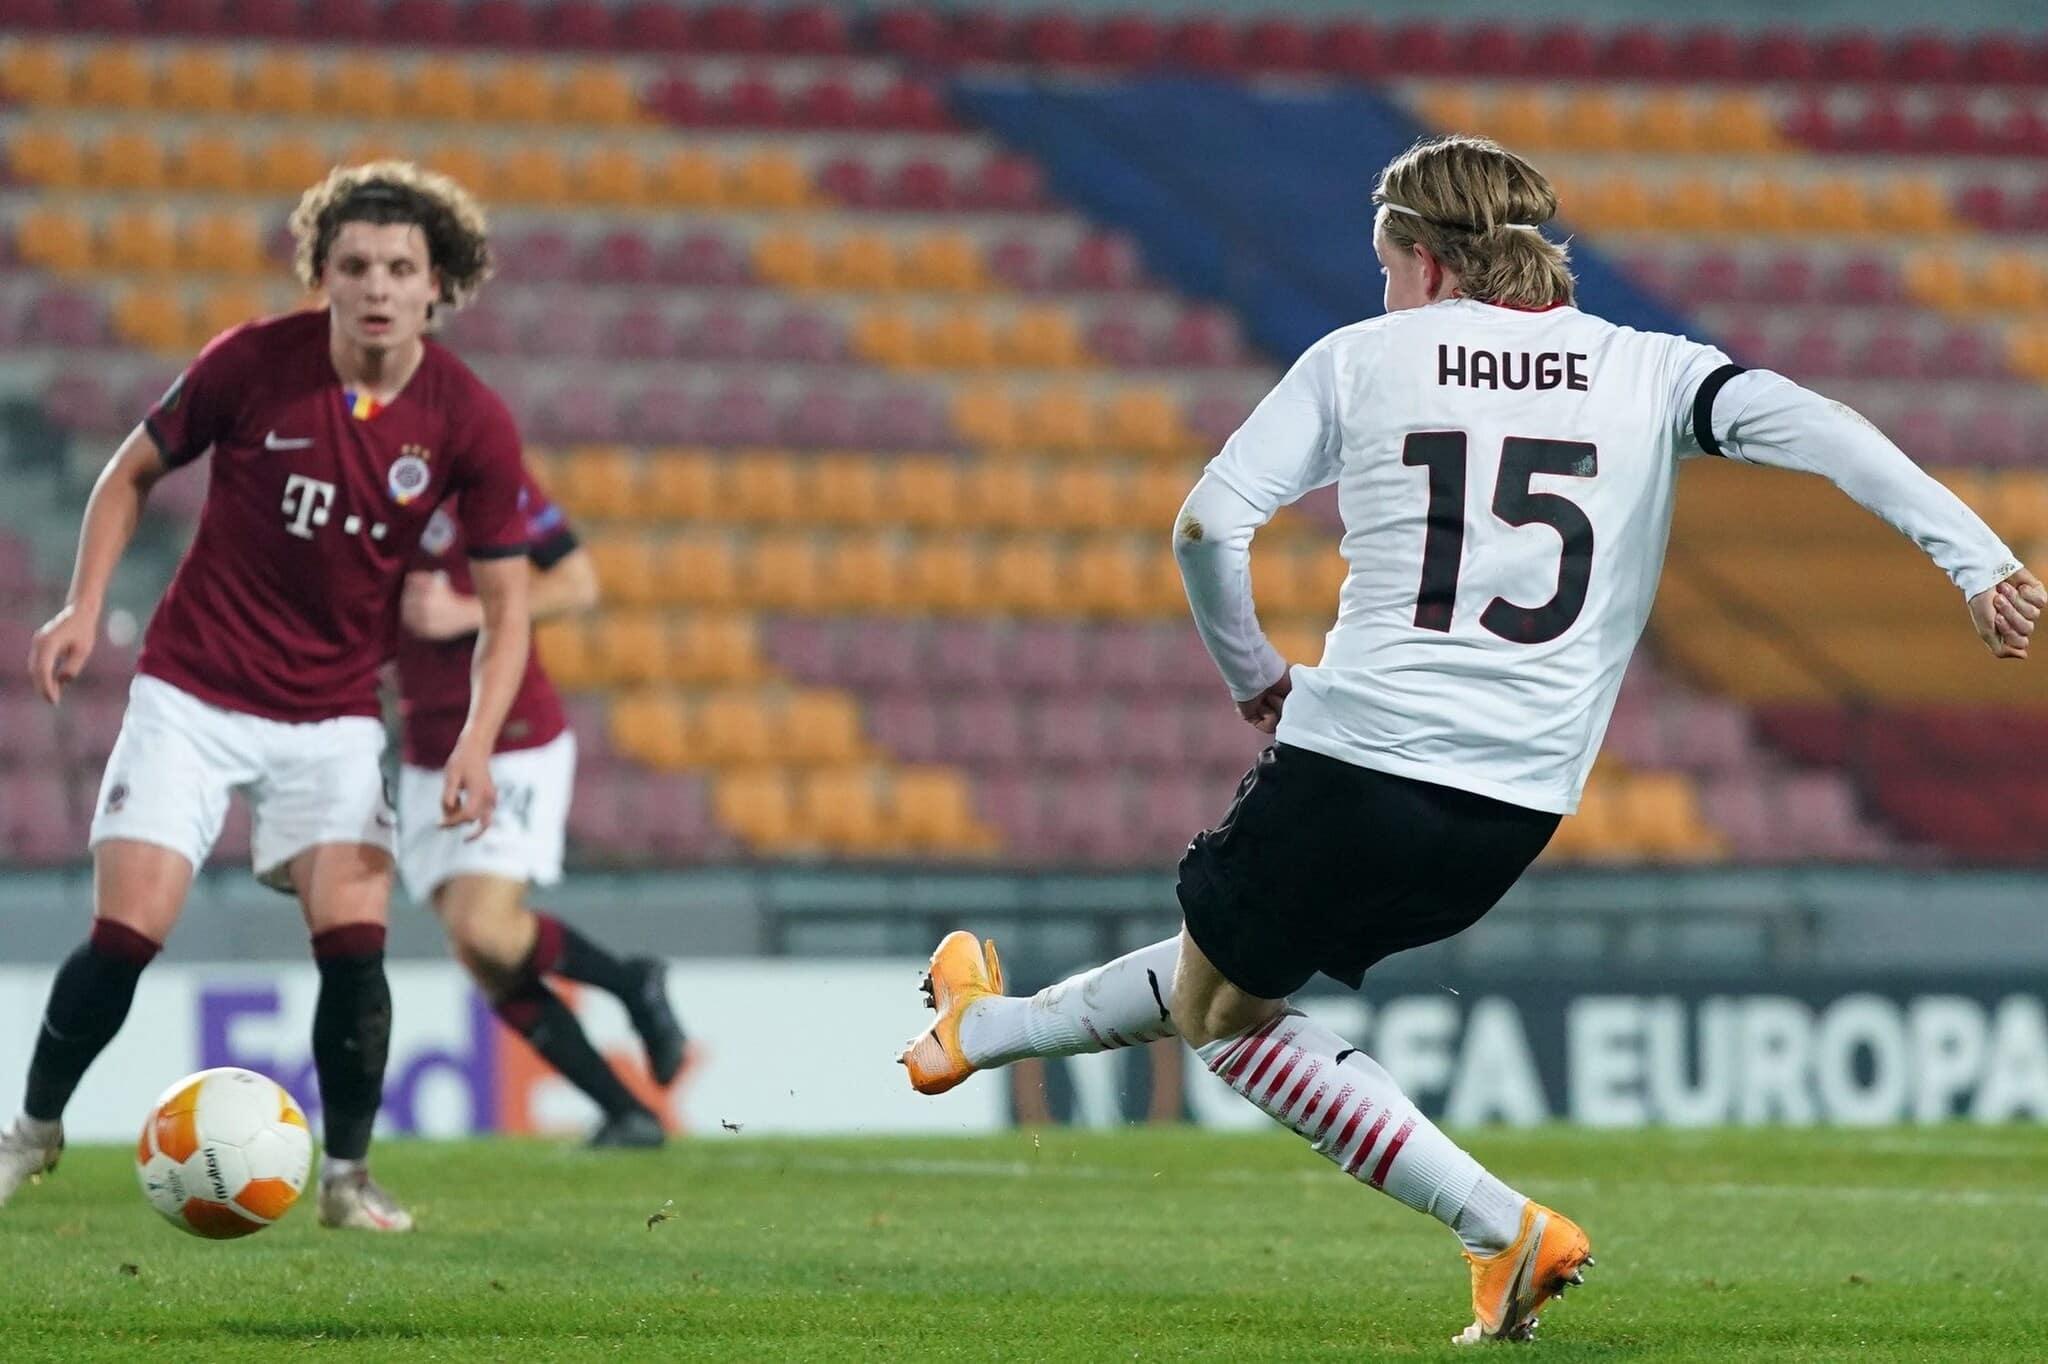 Hauge attaccante del Milan